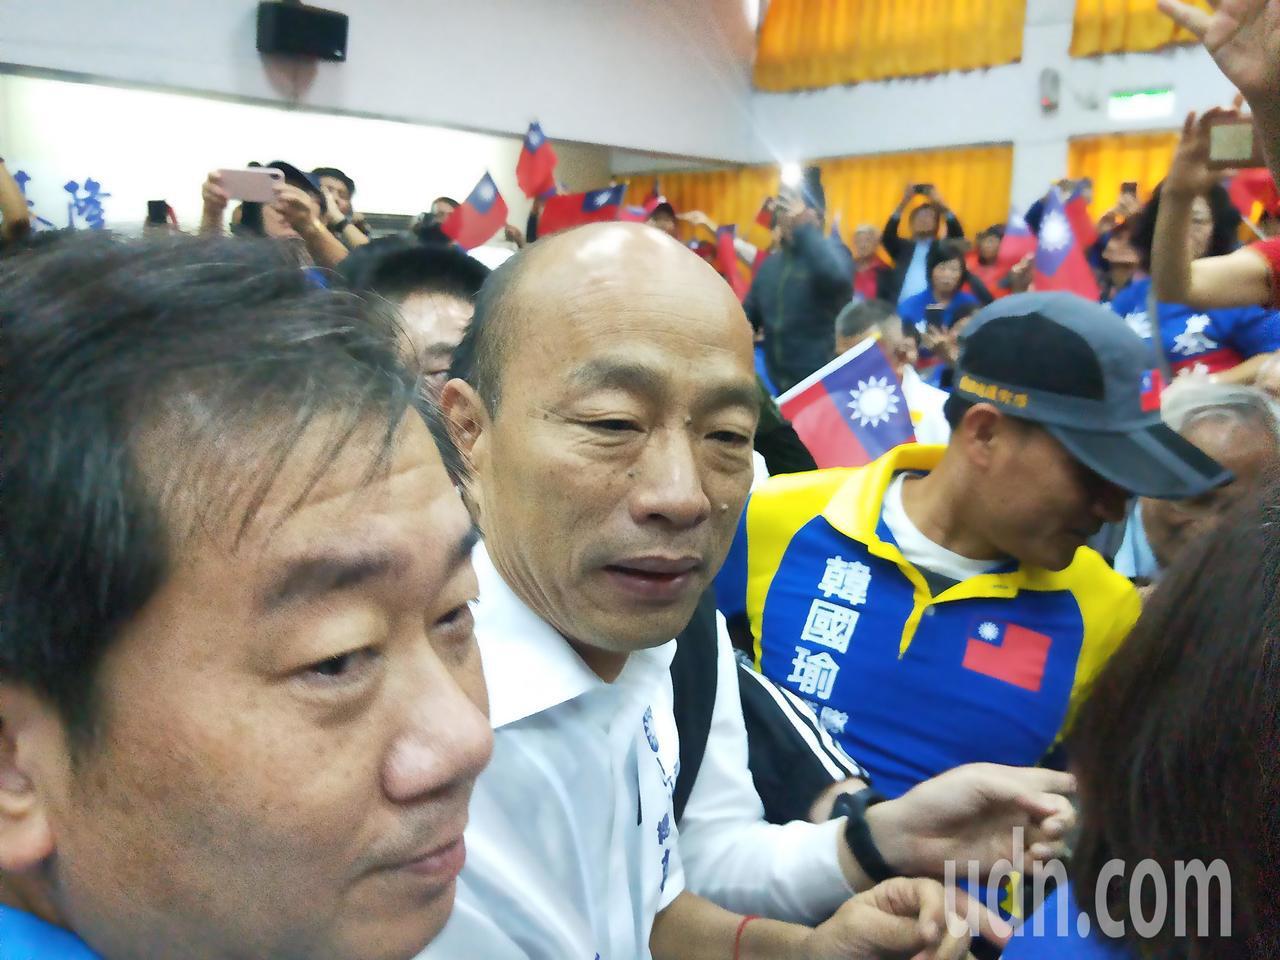 韓國瑜今到基隆,韓粉擠爆國黨基隆黨部史上人最多,展現藍軍大團結。記者游明煌/攝影